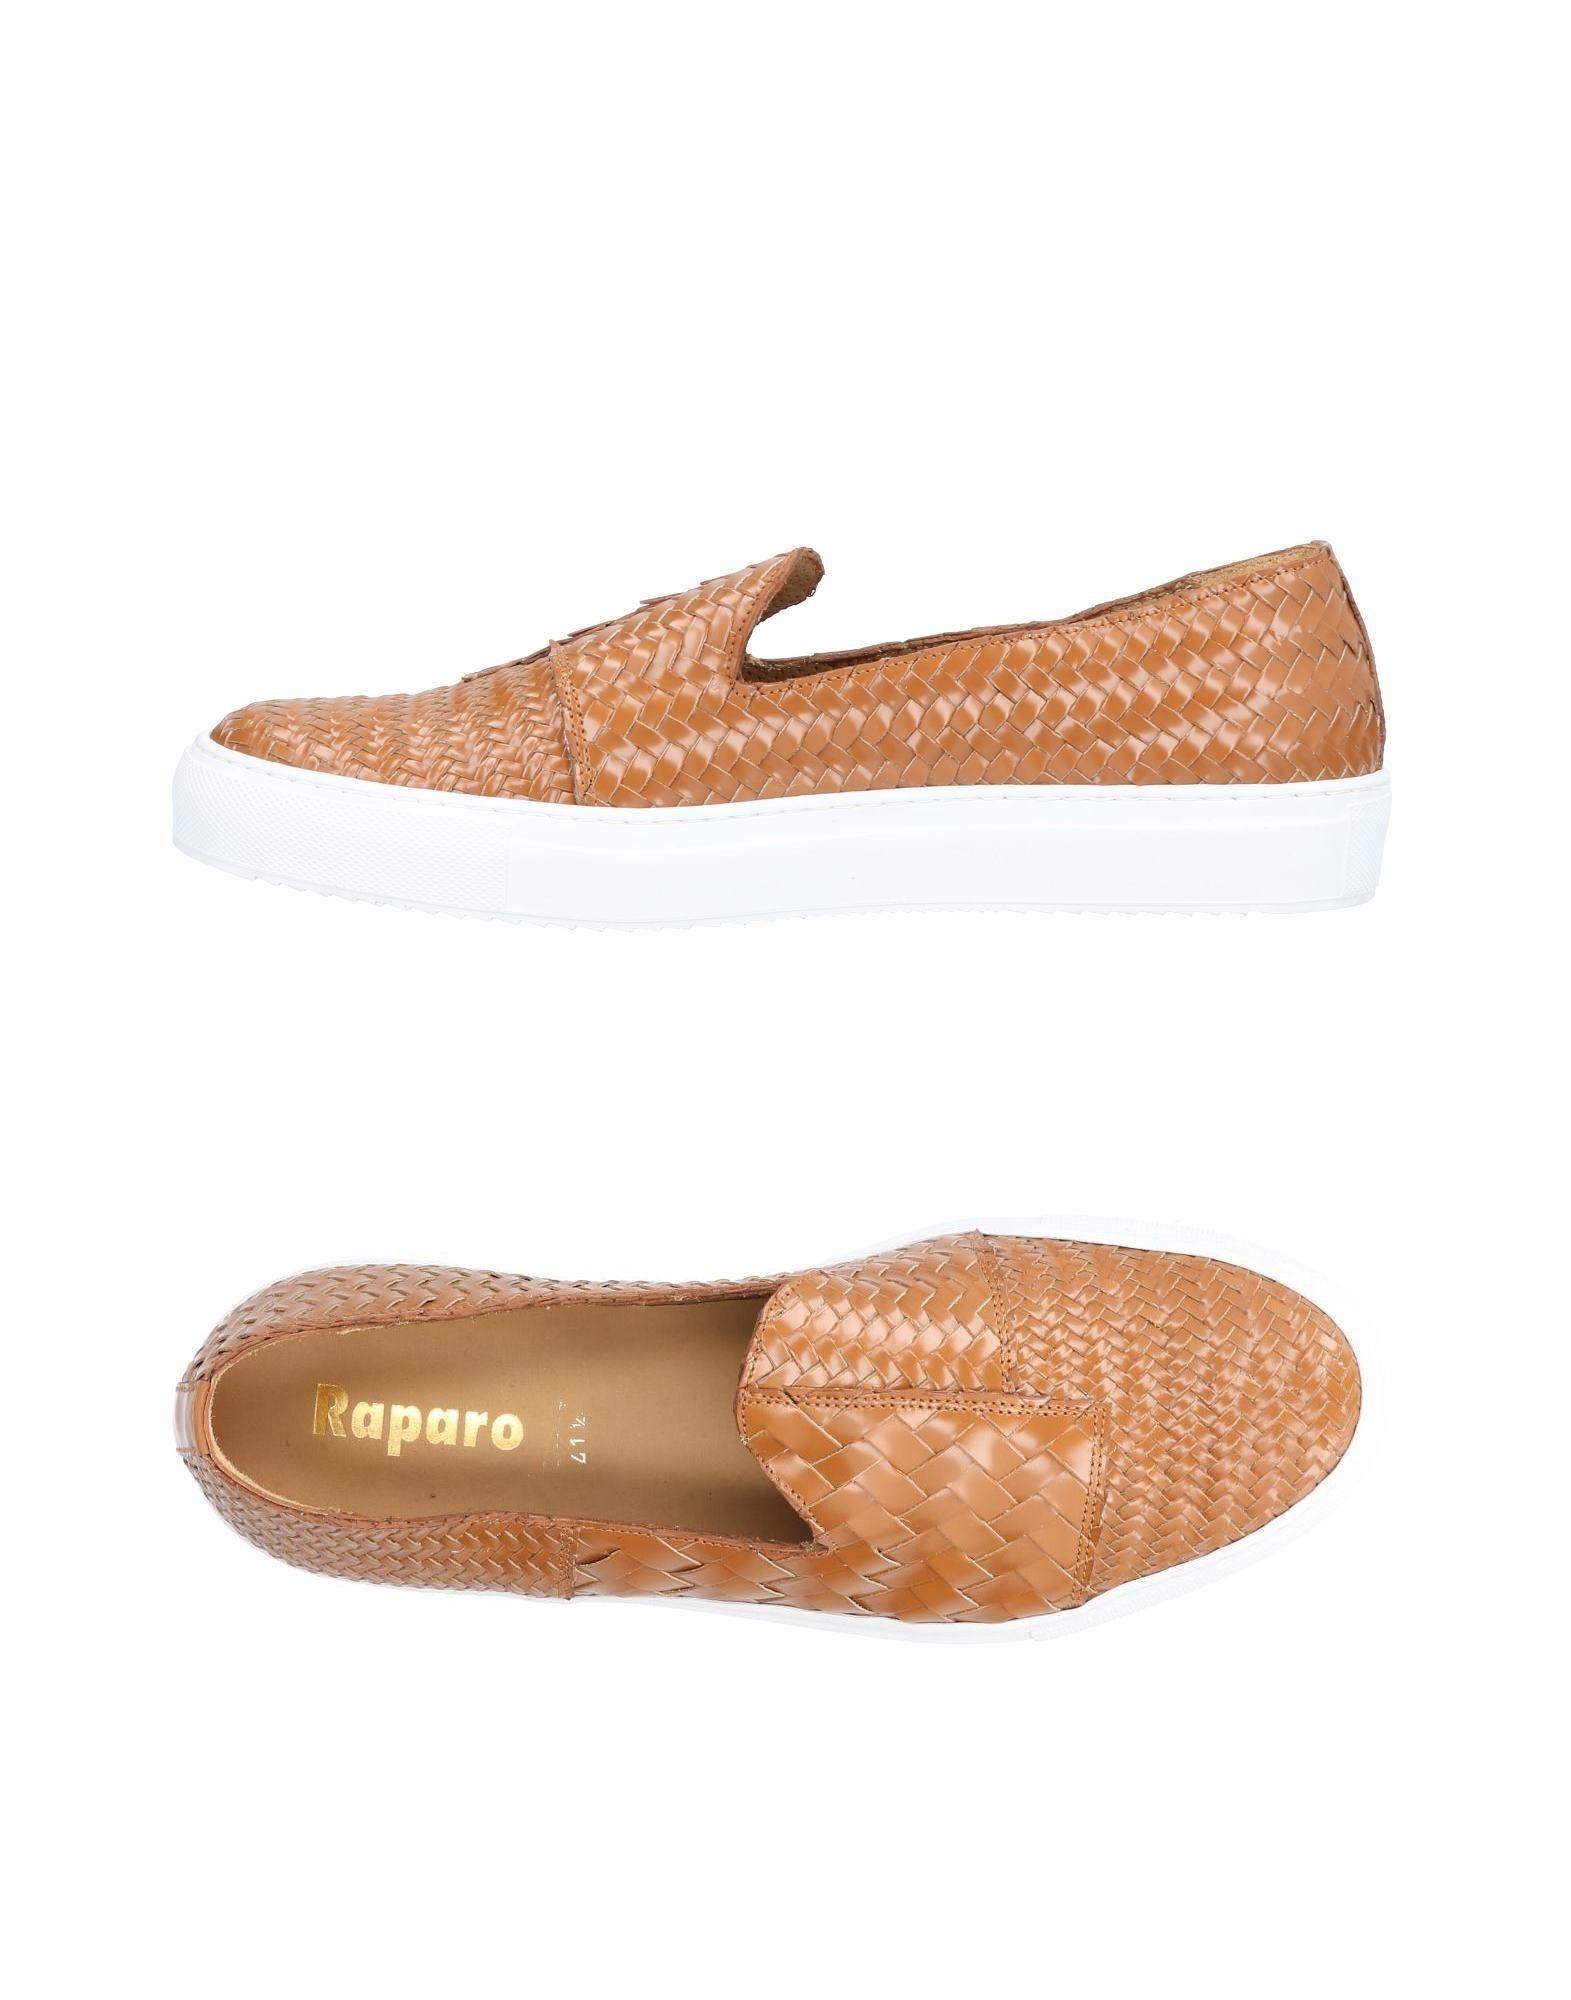 Sneakers Raparo Uomo - 11459760ER Scarpe economiche e buone